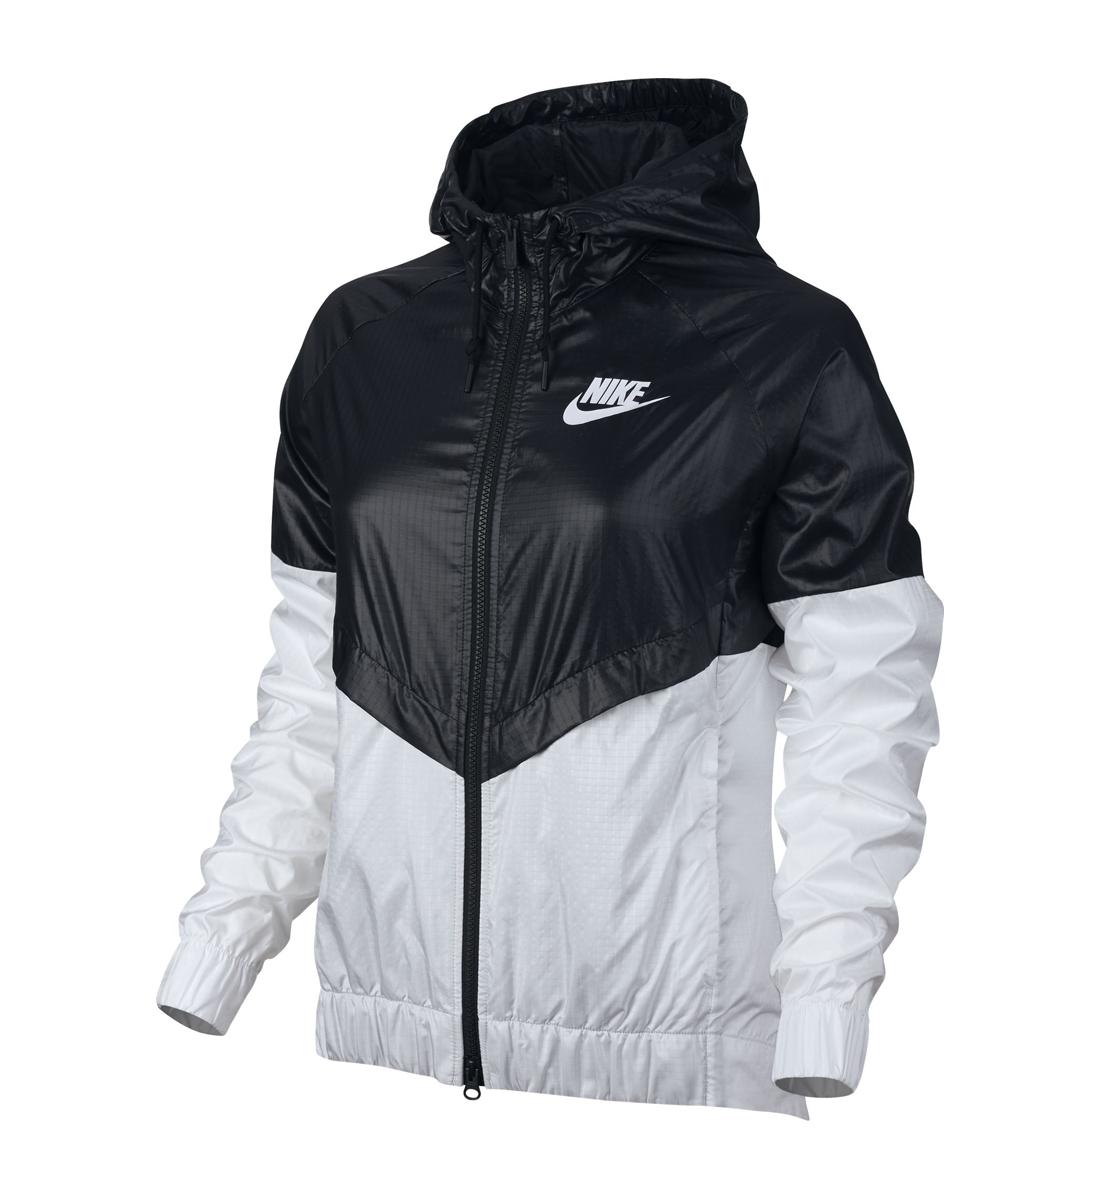 Nike Cher Pas Noir Veste Acheter qXxaBAx